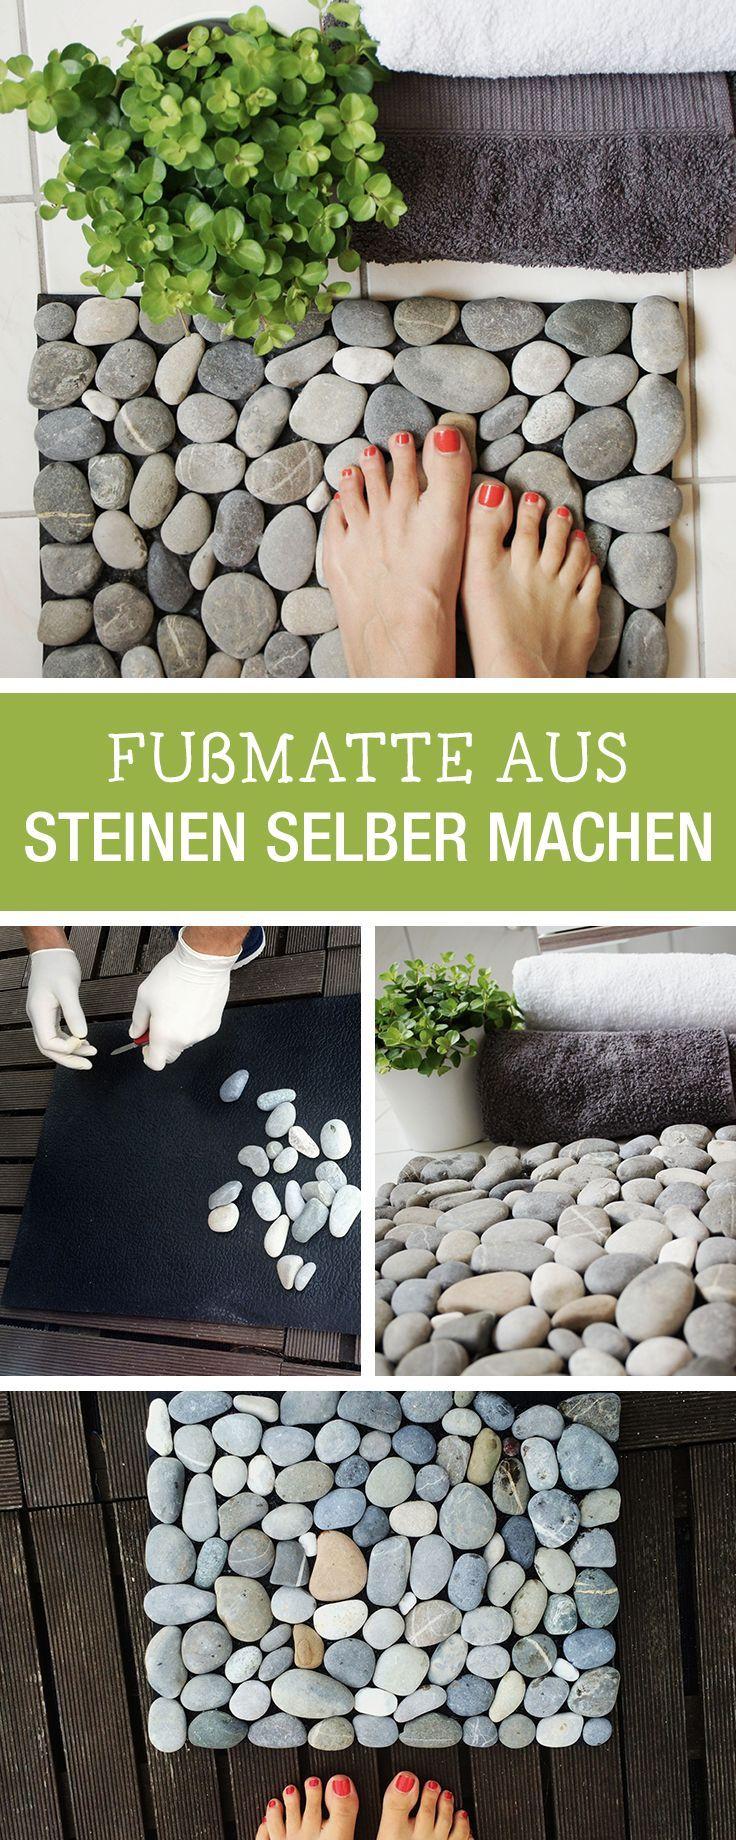 diy anleitung fu matte aus steinen selber machen via diy anleitungen deins und. Black Bedroom Furniture Sets. Home Design Ideas